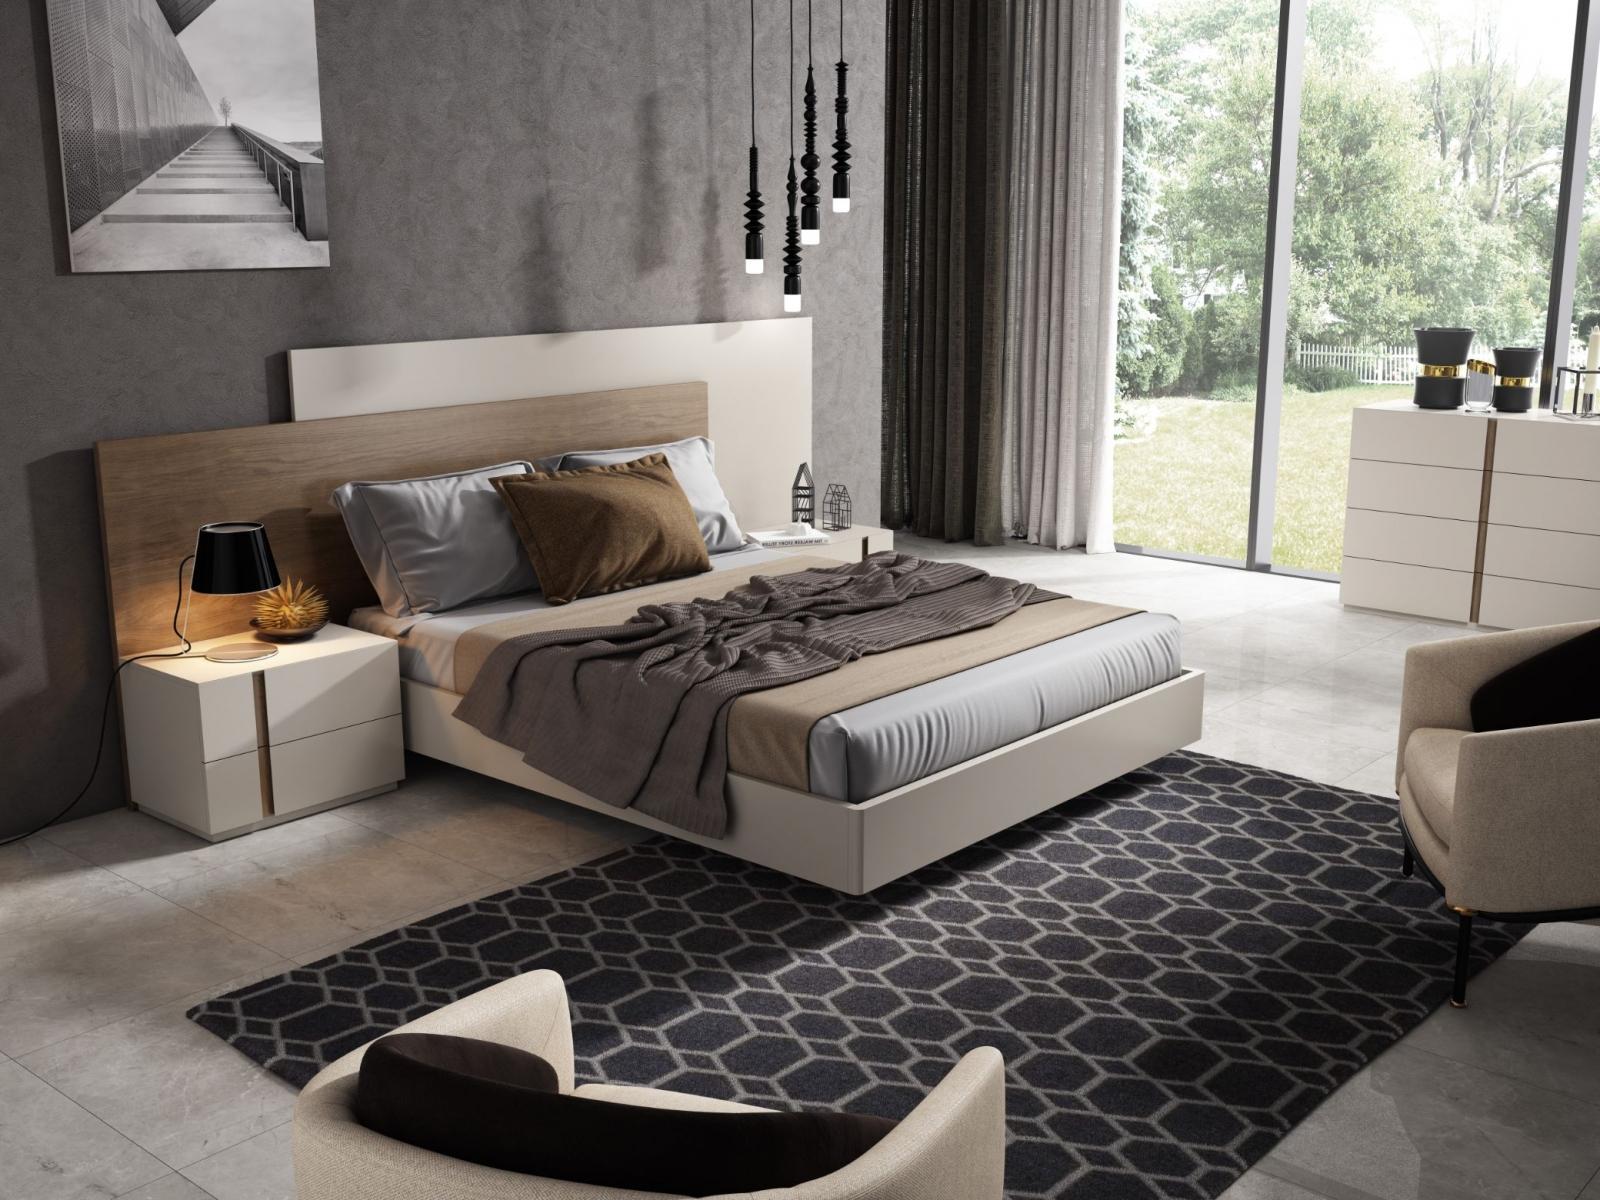 Conjunto de Dormitorio FREE-3 - Conjunto de Dormitorio FREE-3